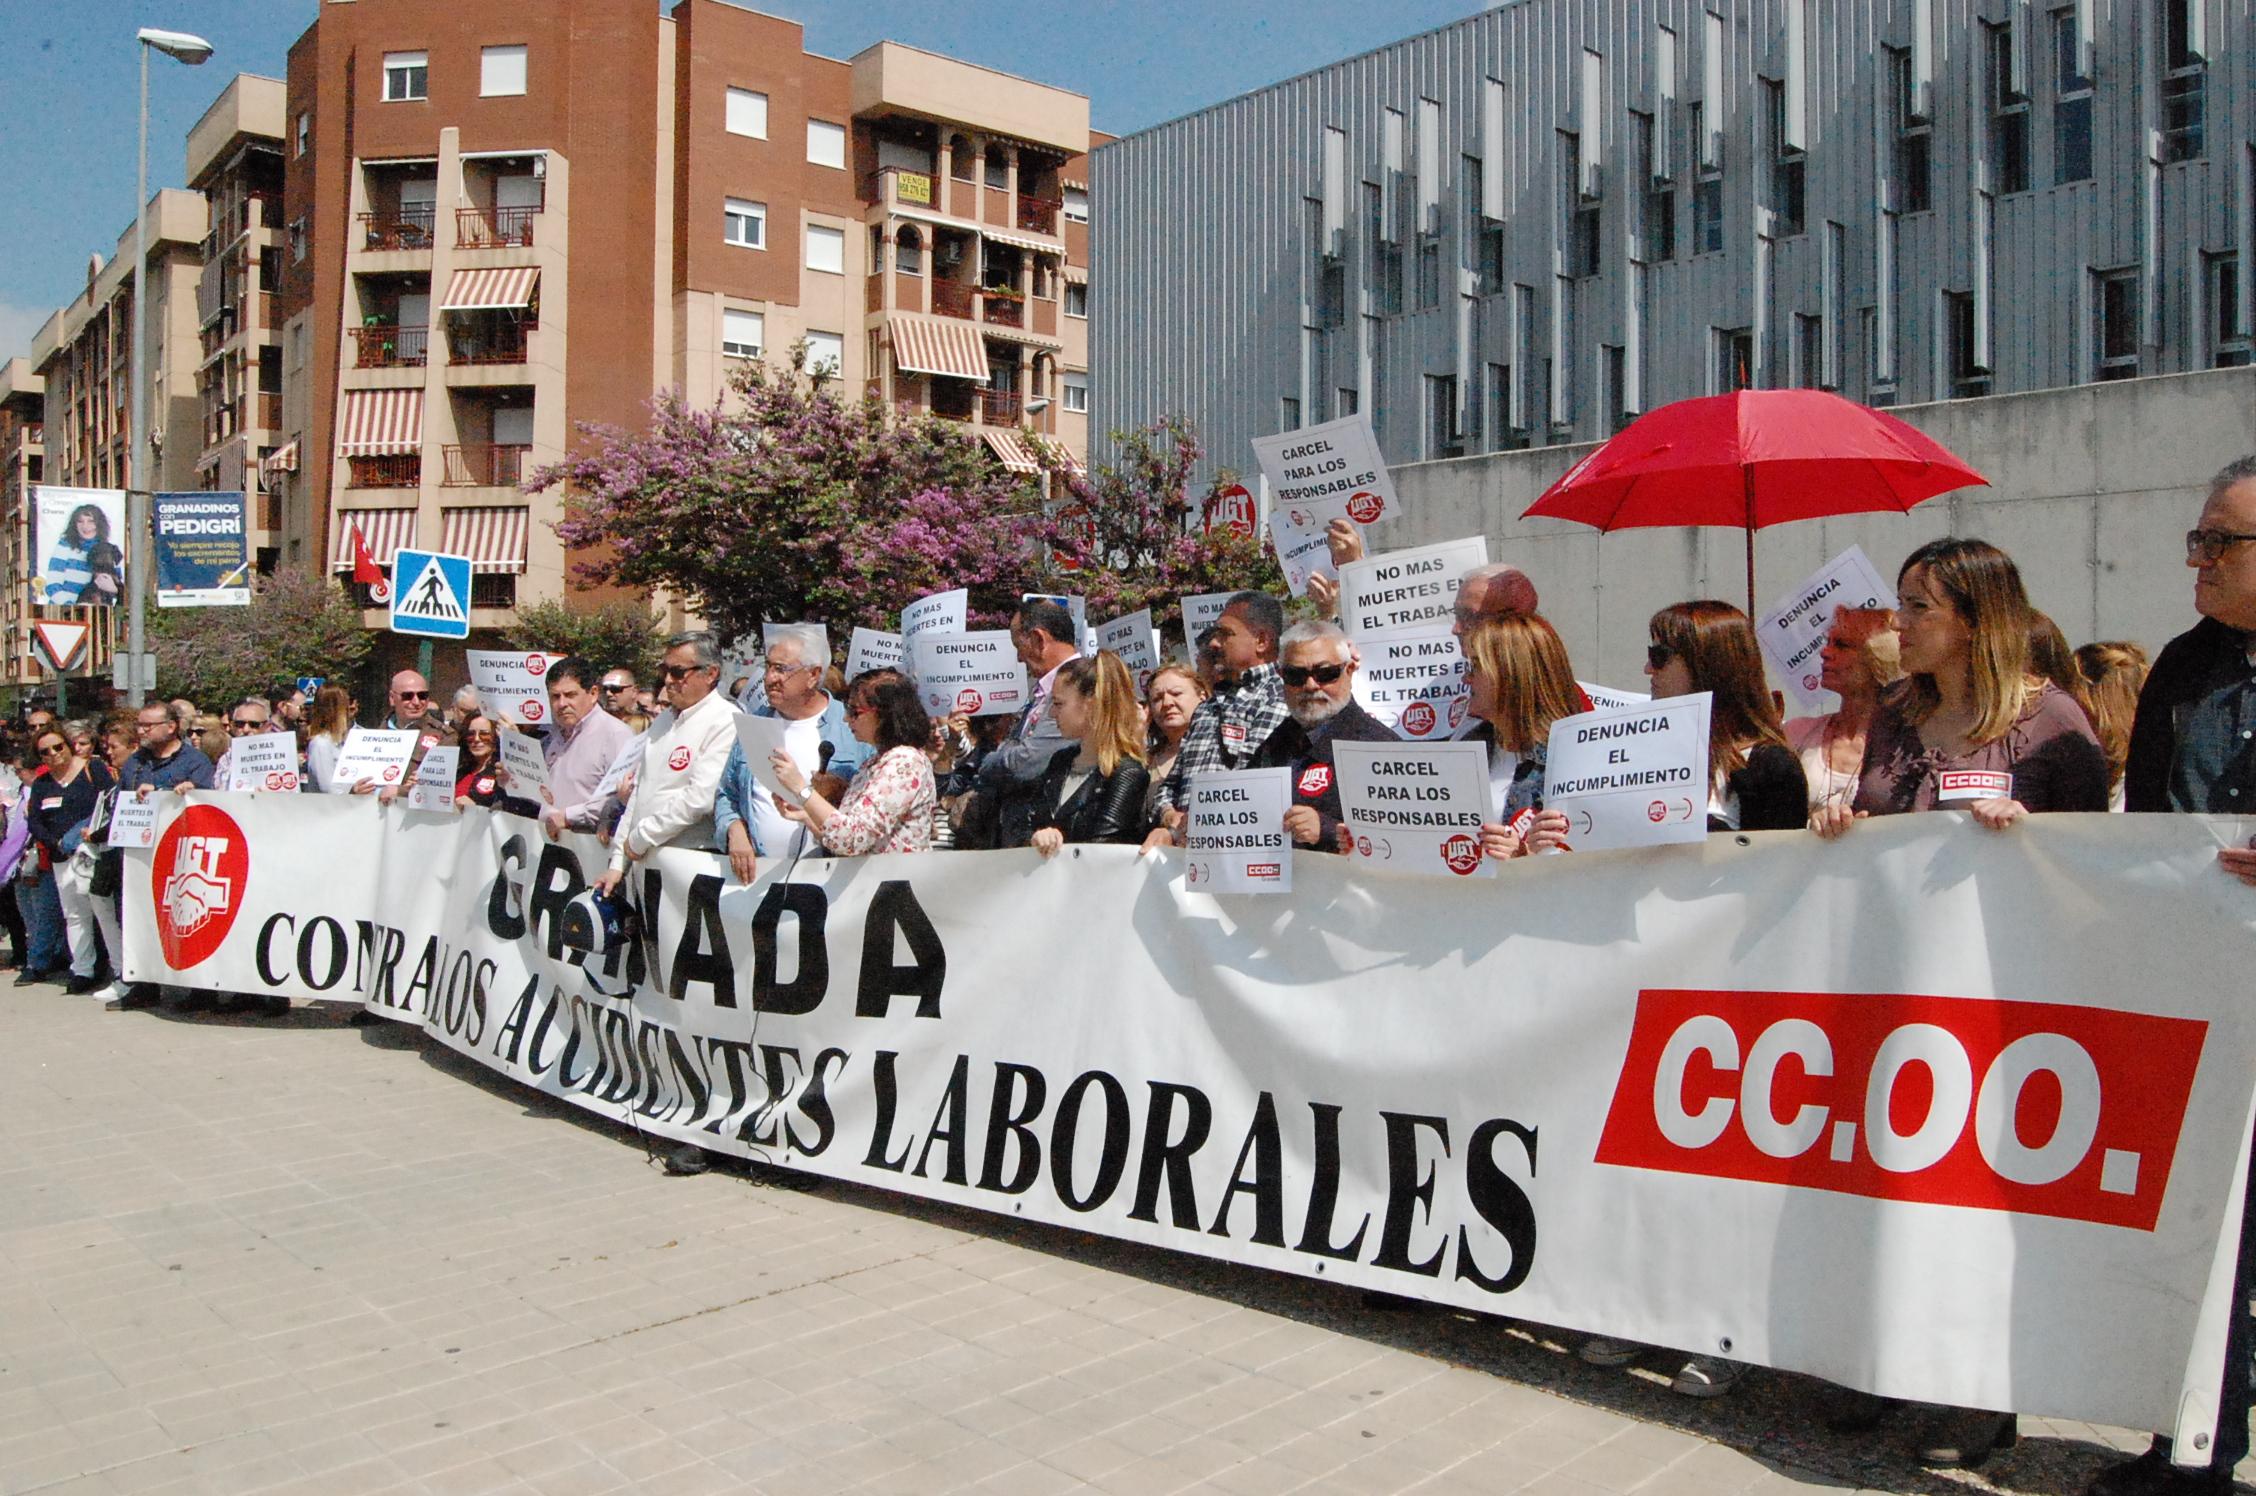 CONCENTRACIÓN LLEVADA A CABO POR LOS SINDICATOS (Foto: El Faro)